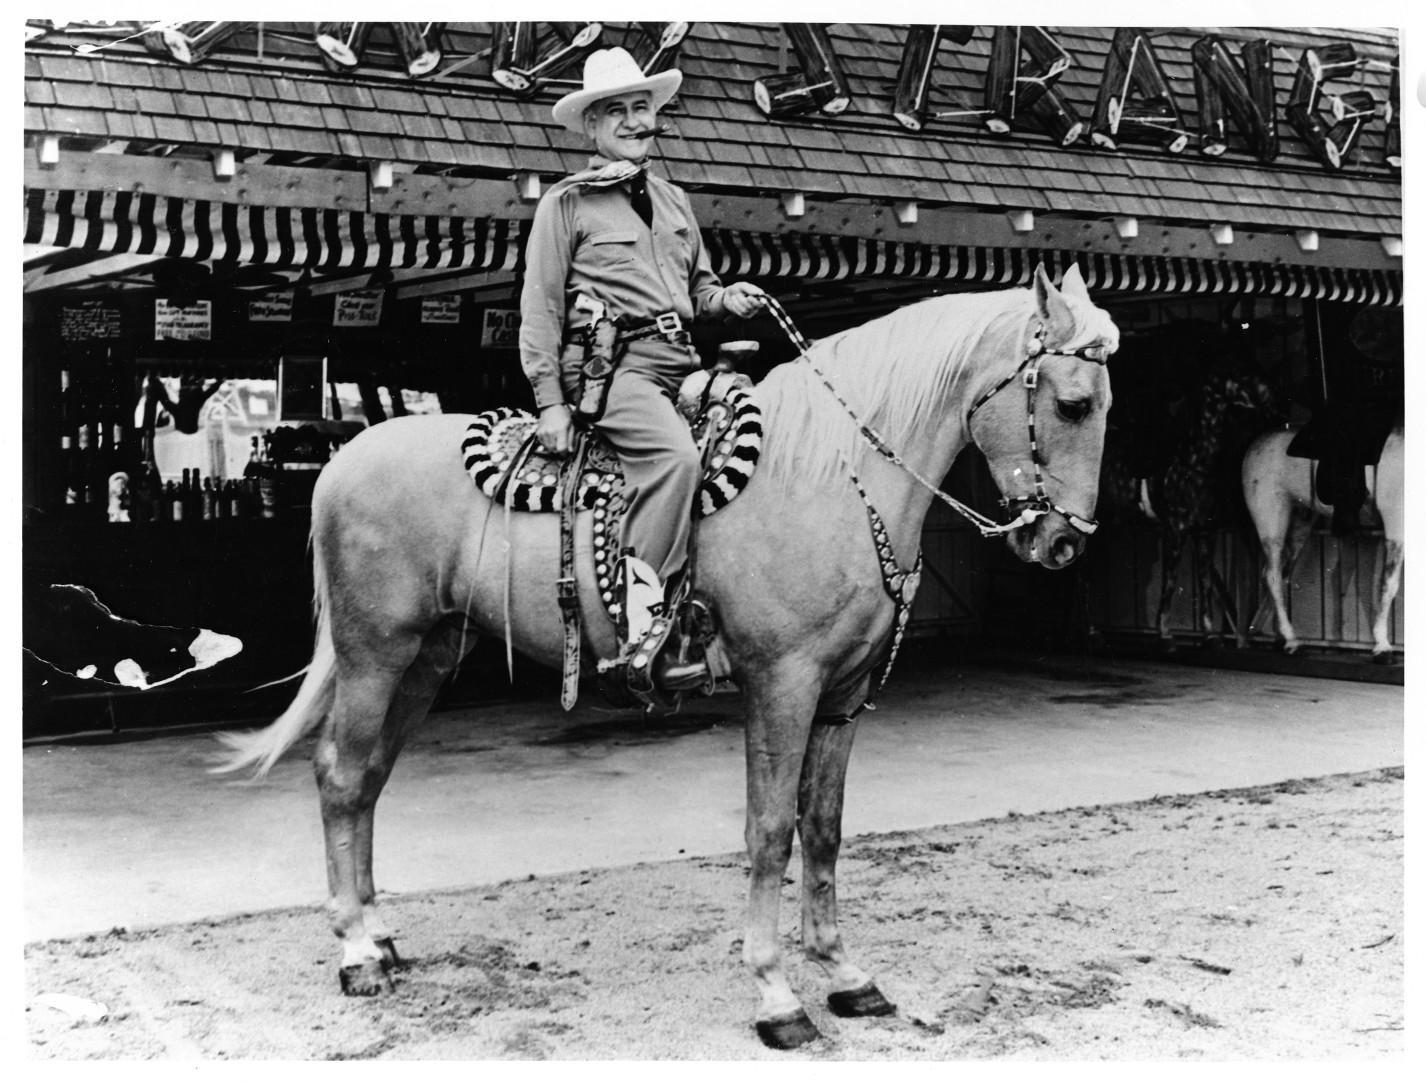 amon on his horse 10000075.jpg